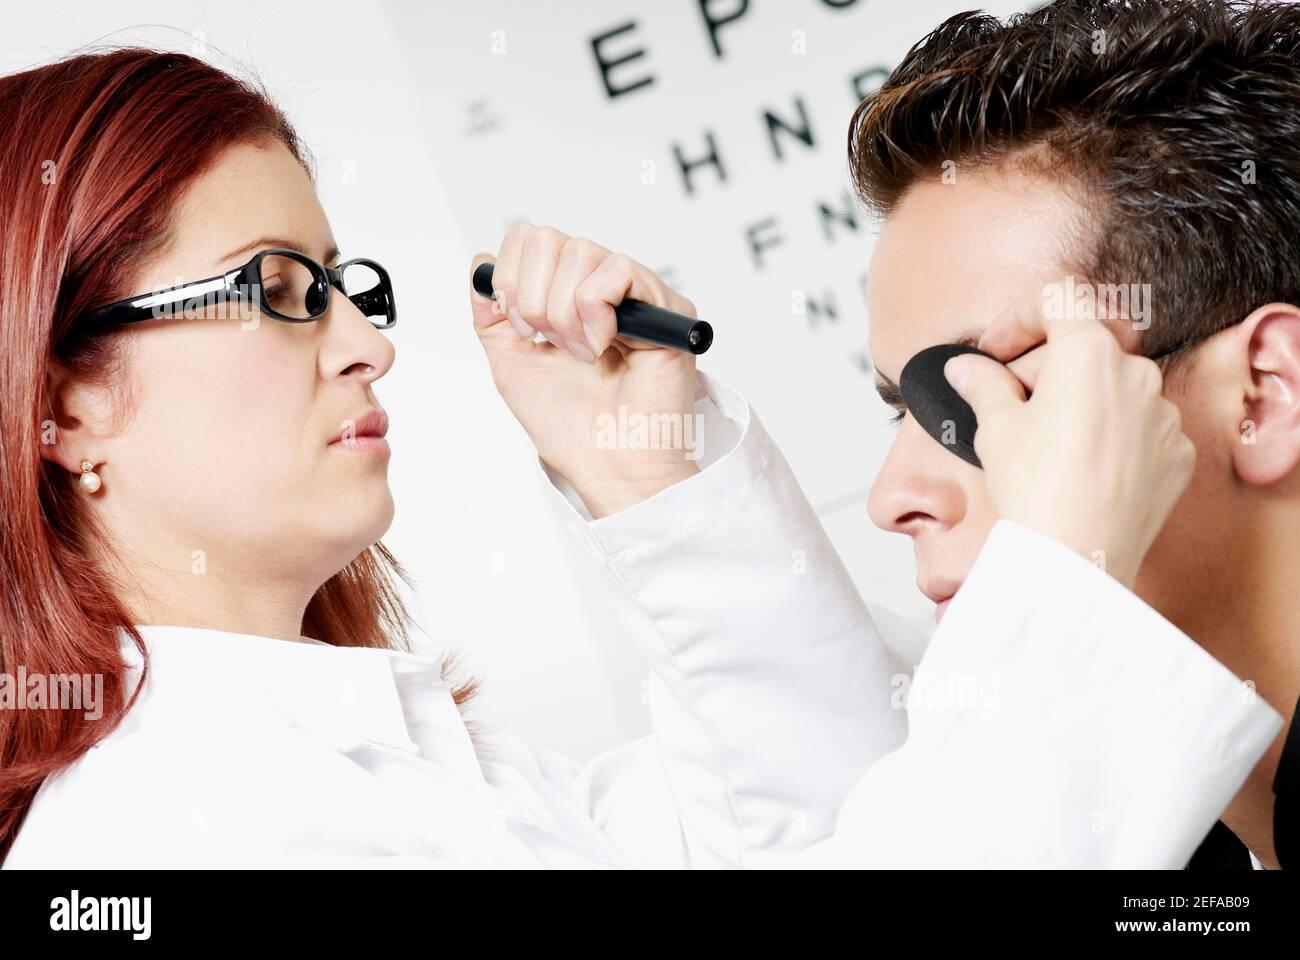 Gros plan d'une femme optométriste examinant les yeux d'un jeune homme Banque D'Images